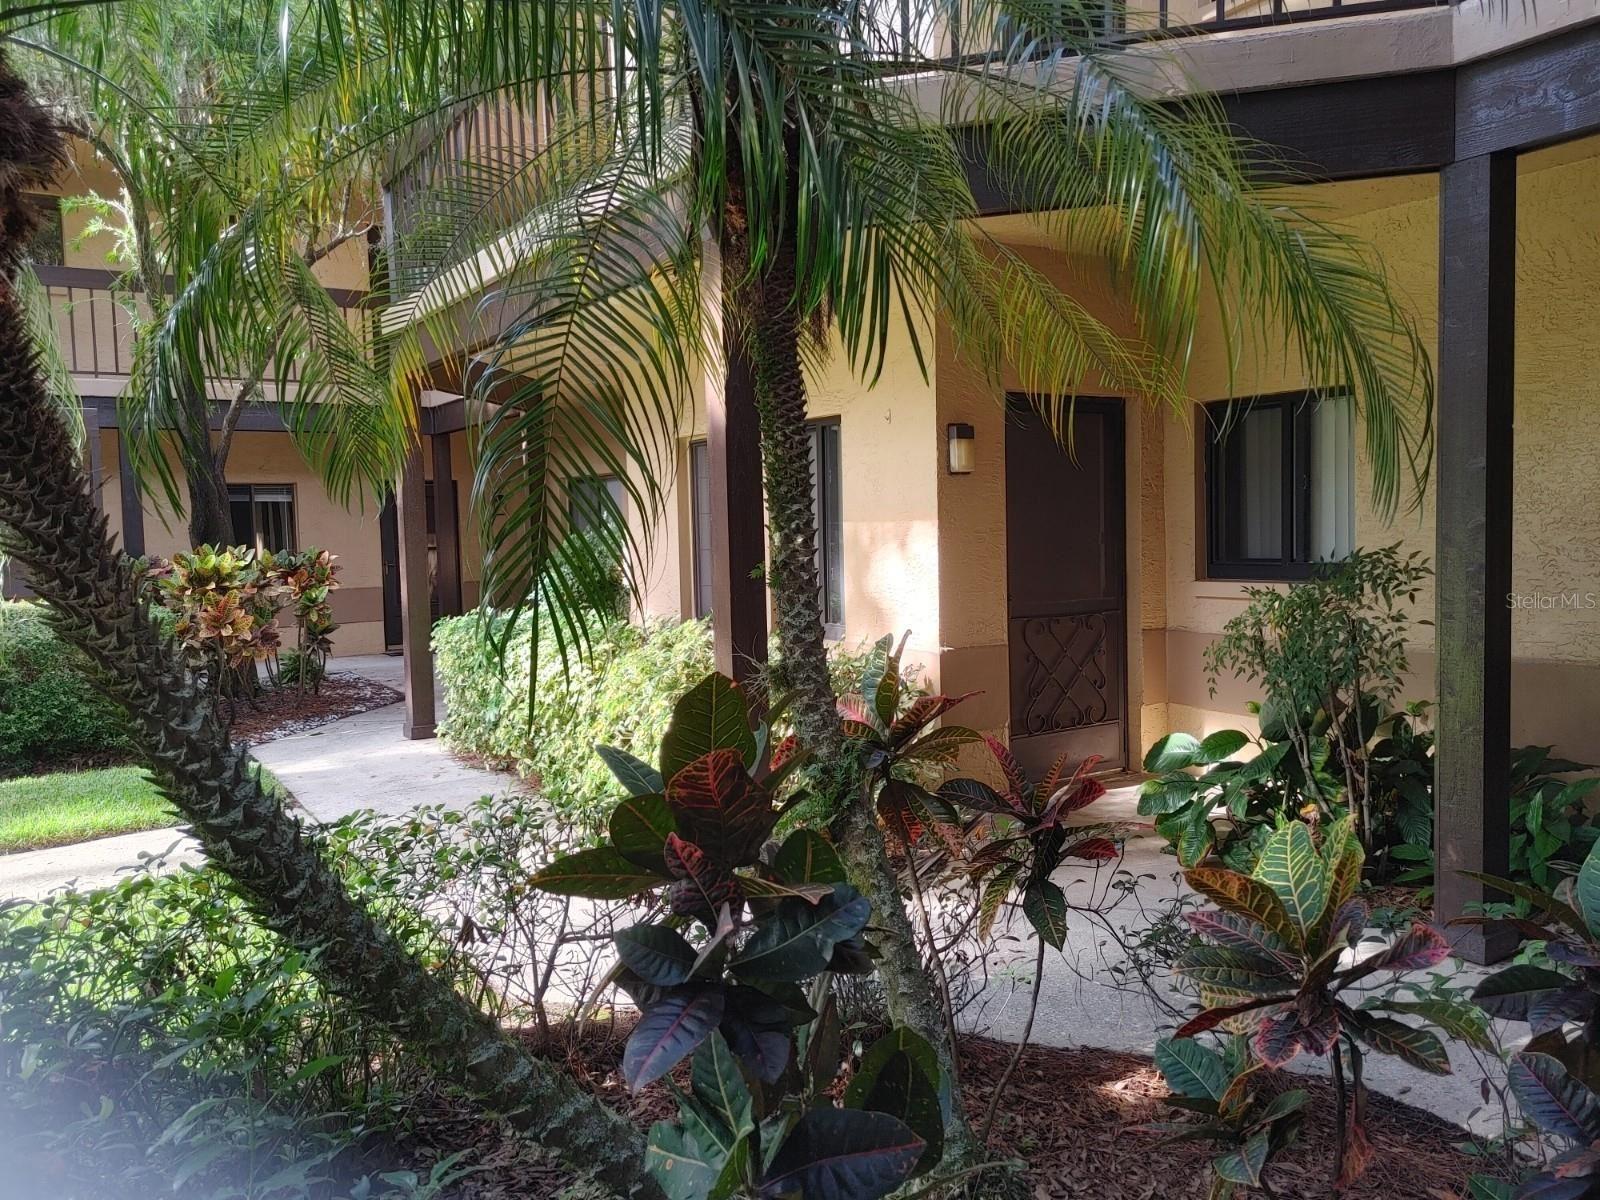 2687 SABAL SPRINGS CIRCLE #104, Clearwater, FL 33761 - MLS#: U8136423